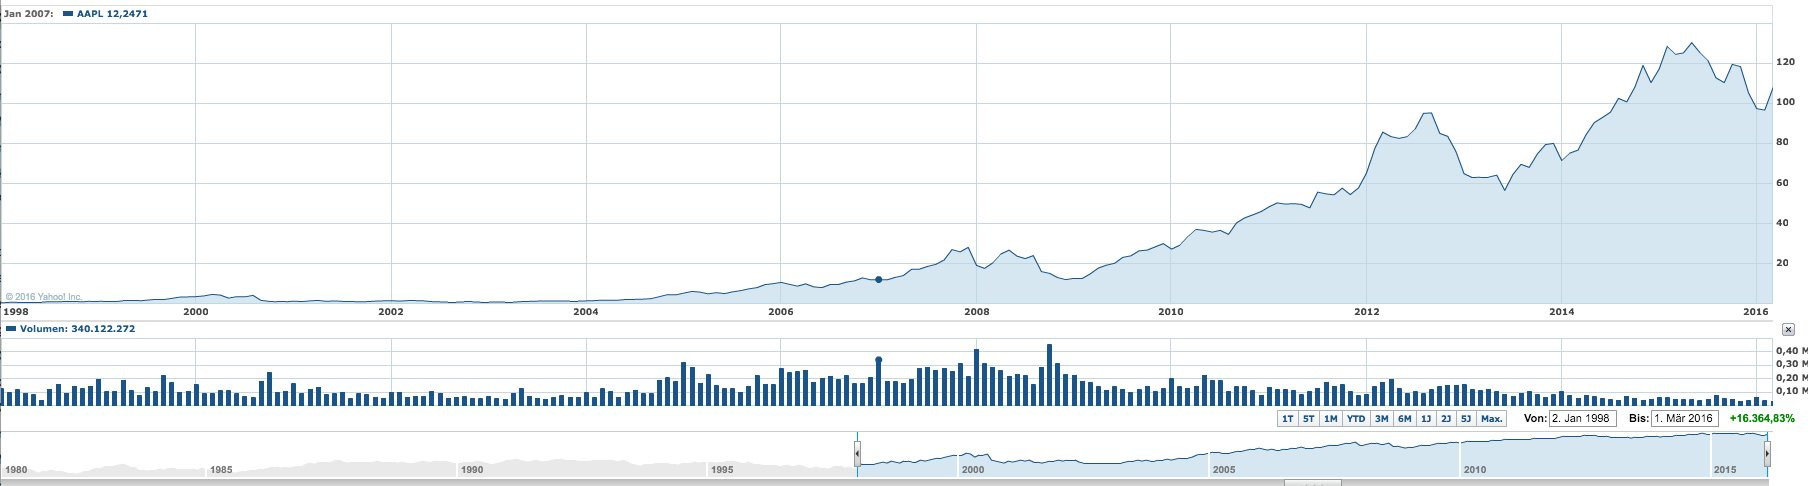 Entwicklung der Apple-Aktie seit 1998